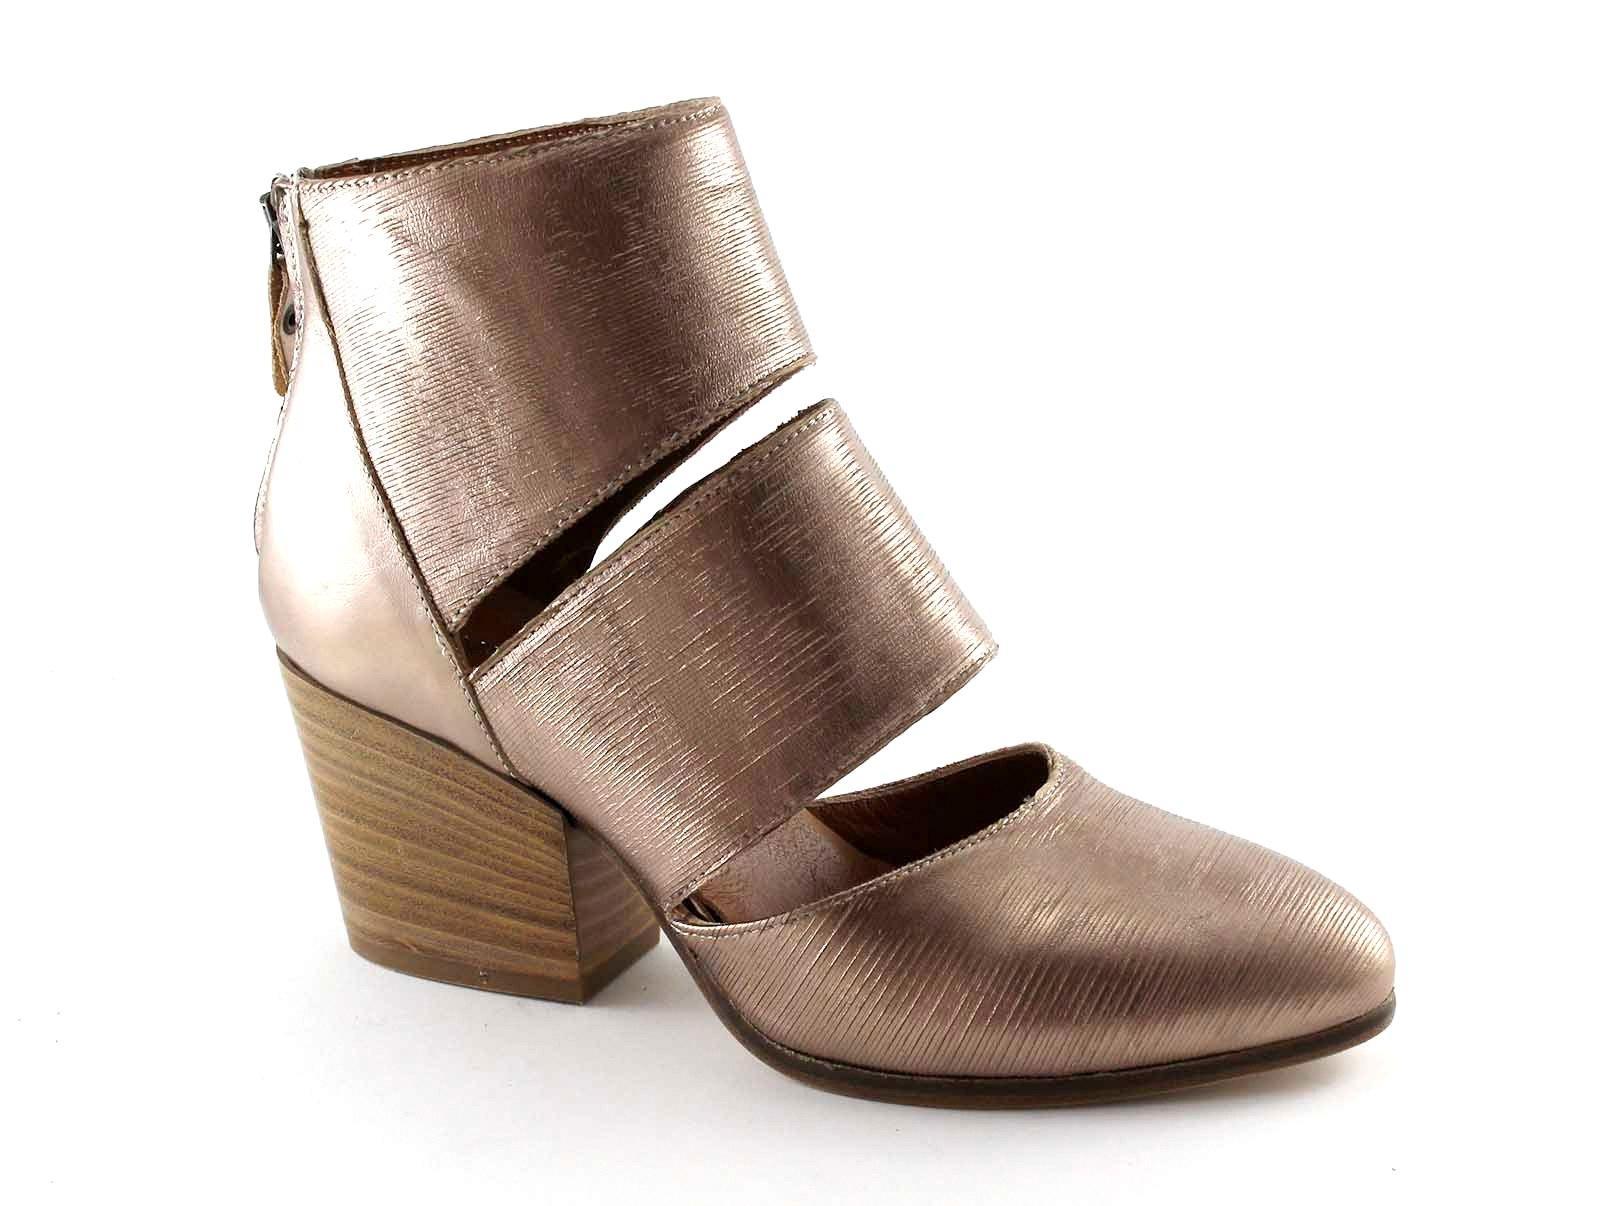 PAOLINA PEREZ 1834 cannella bronzo scarpe stivaletti donna tacco cerniera